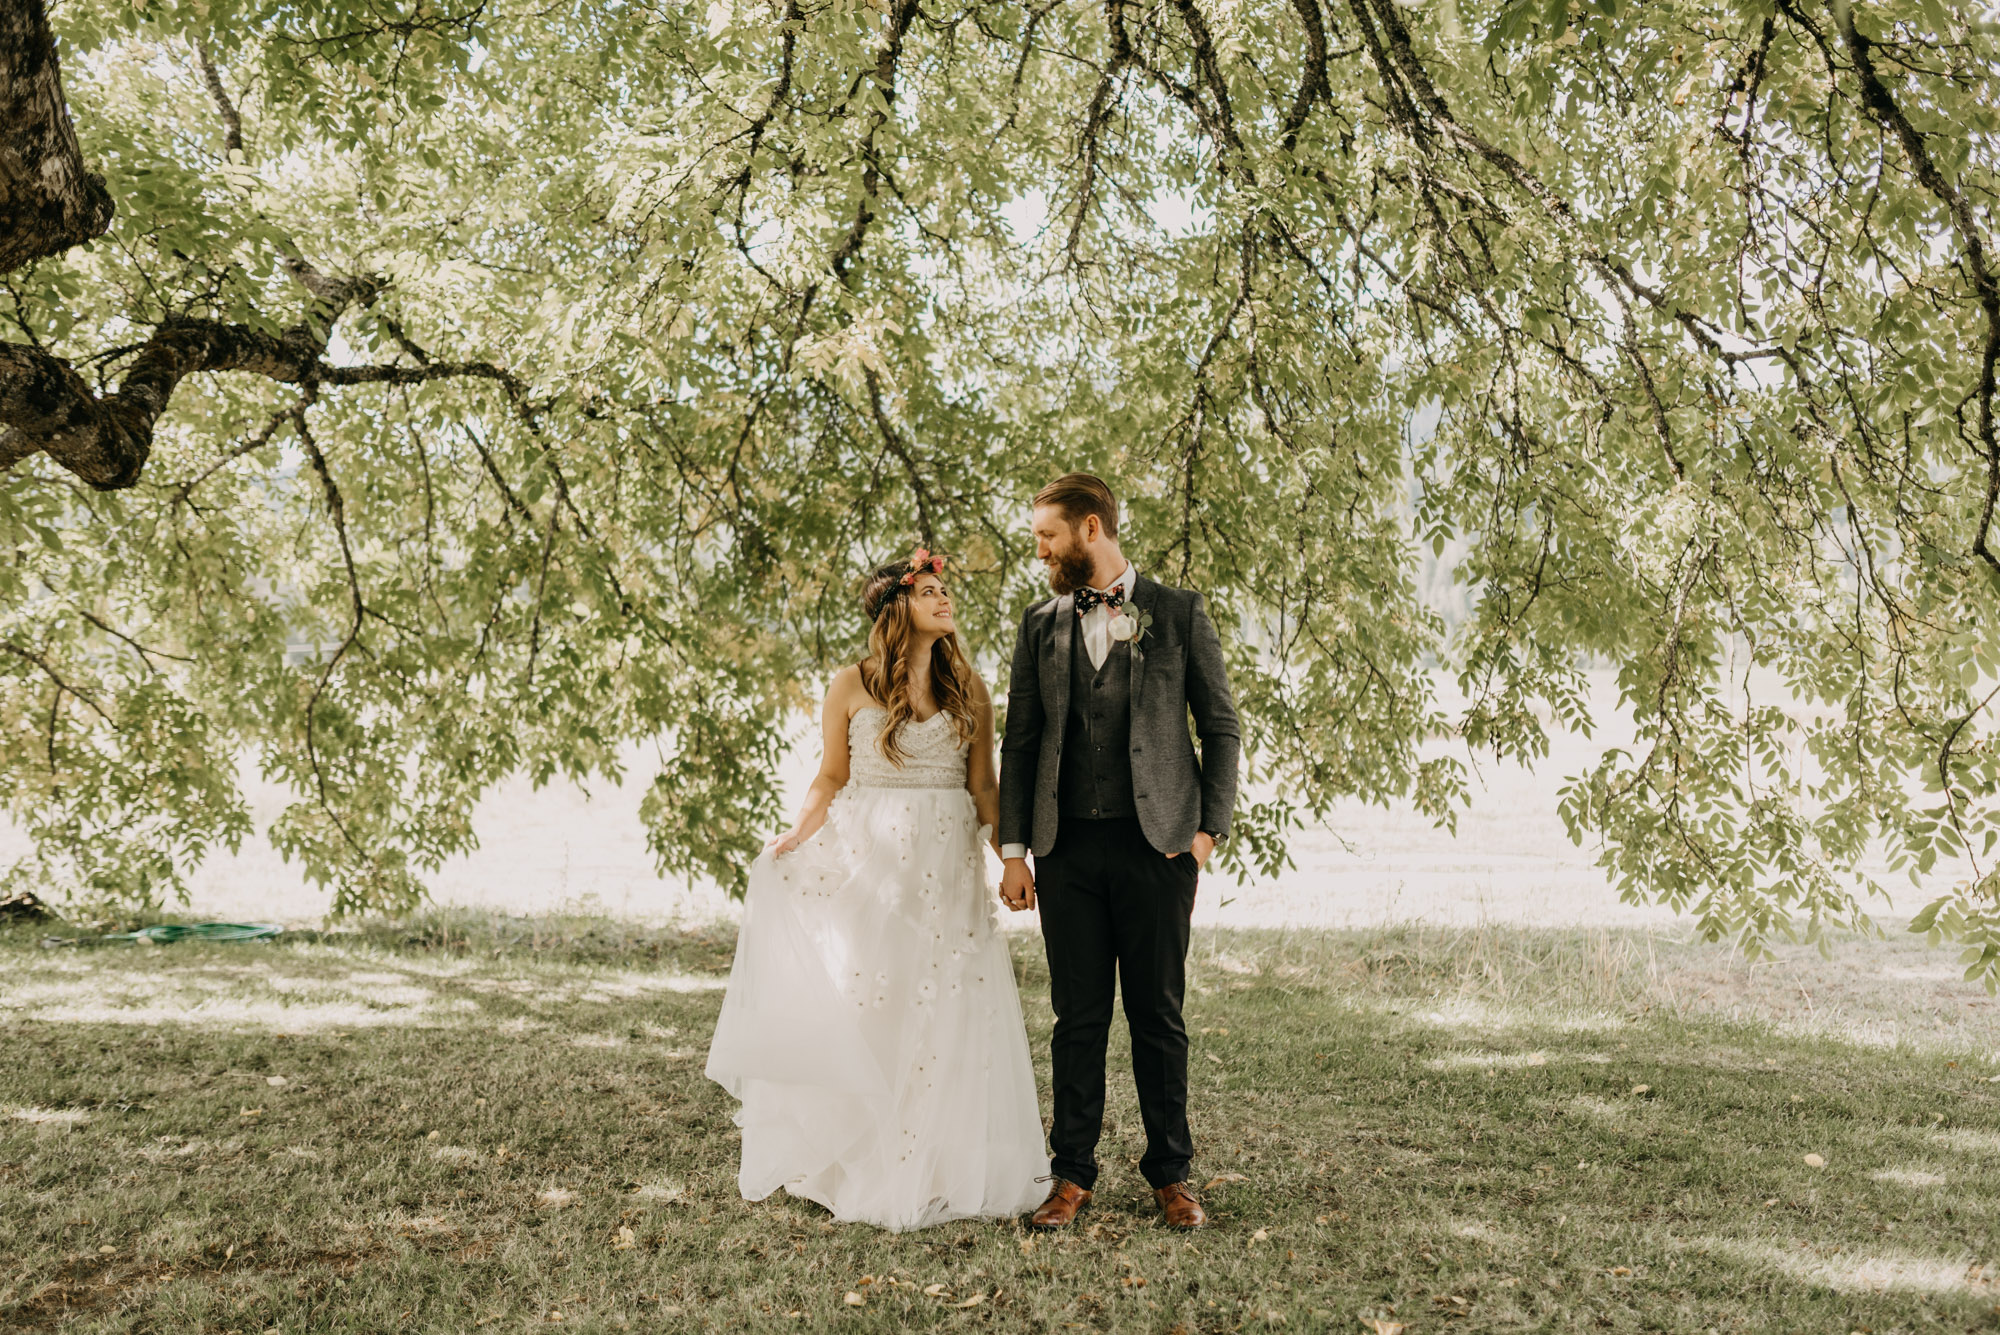 Outdoor-First-Look-Washington-Wedding-Barn-Door-8202.jpg